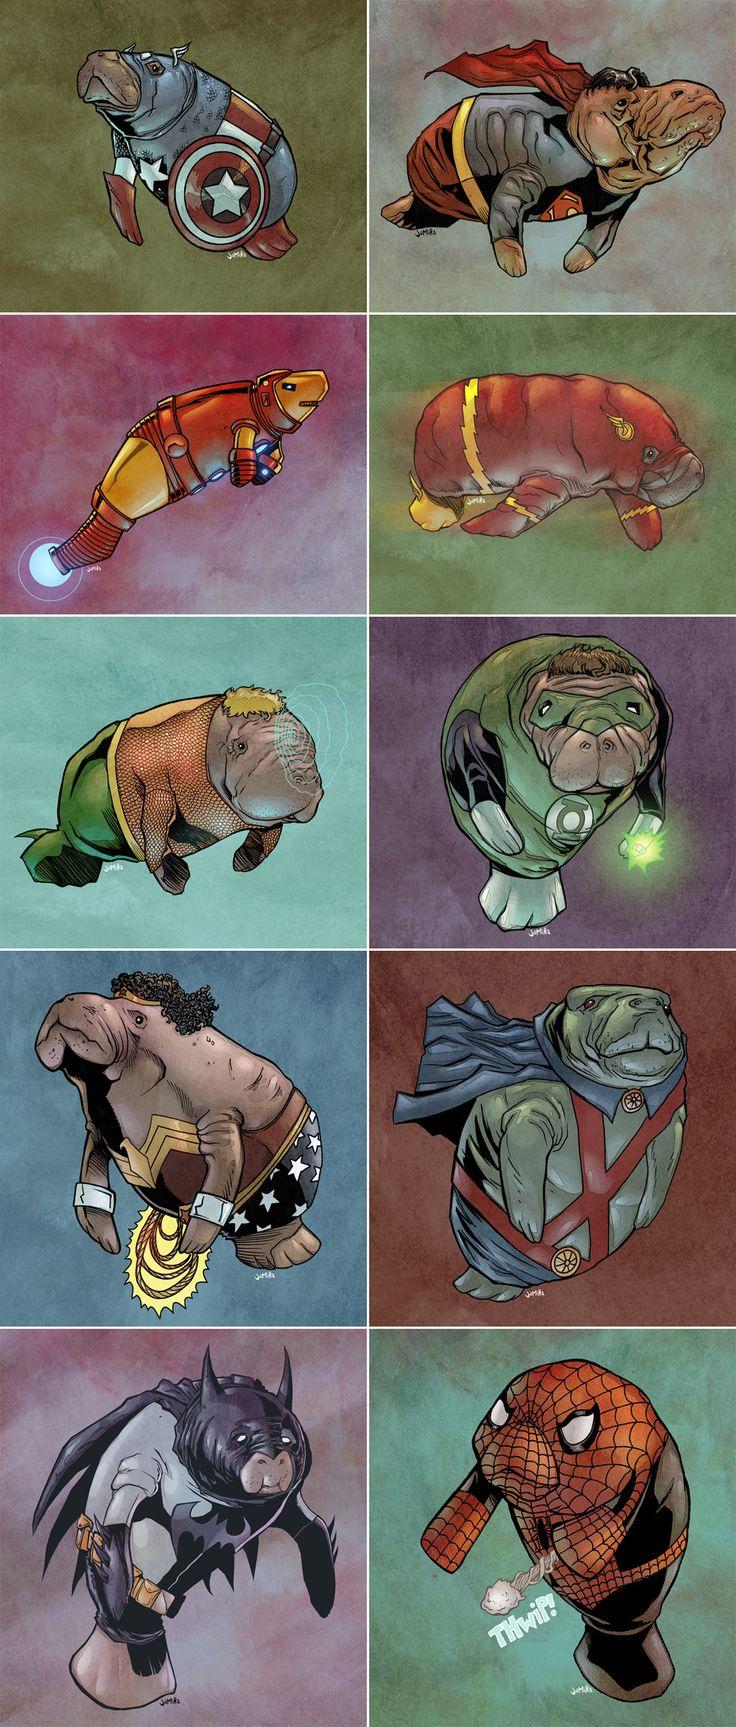 Superhero manatees